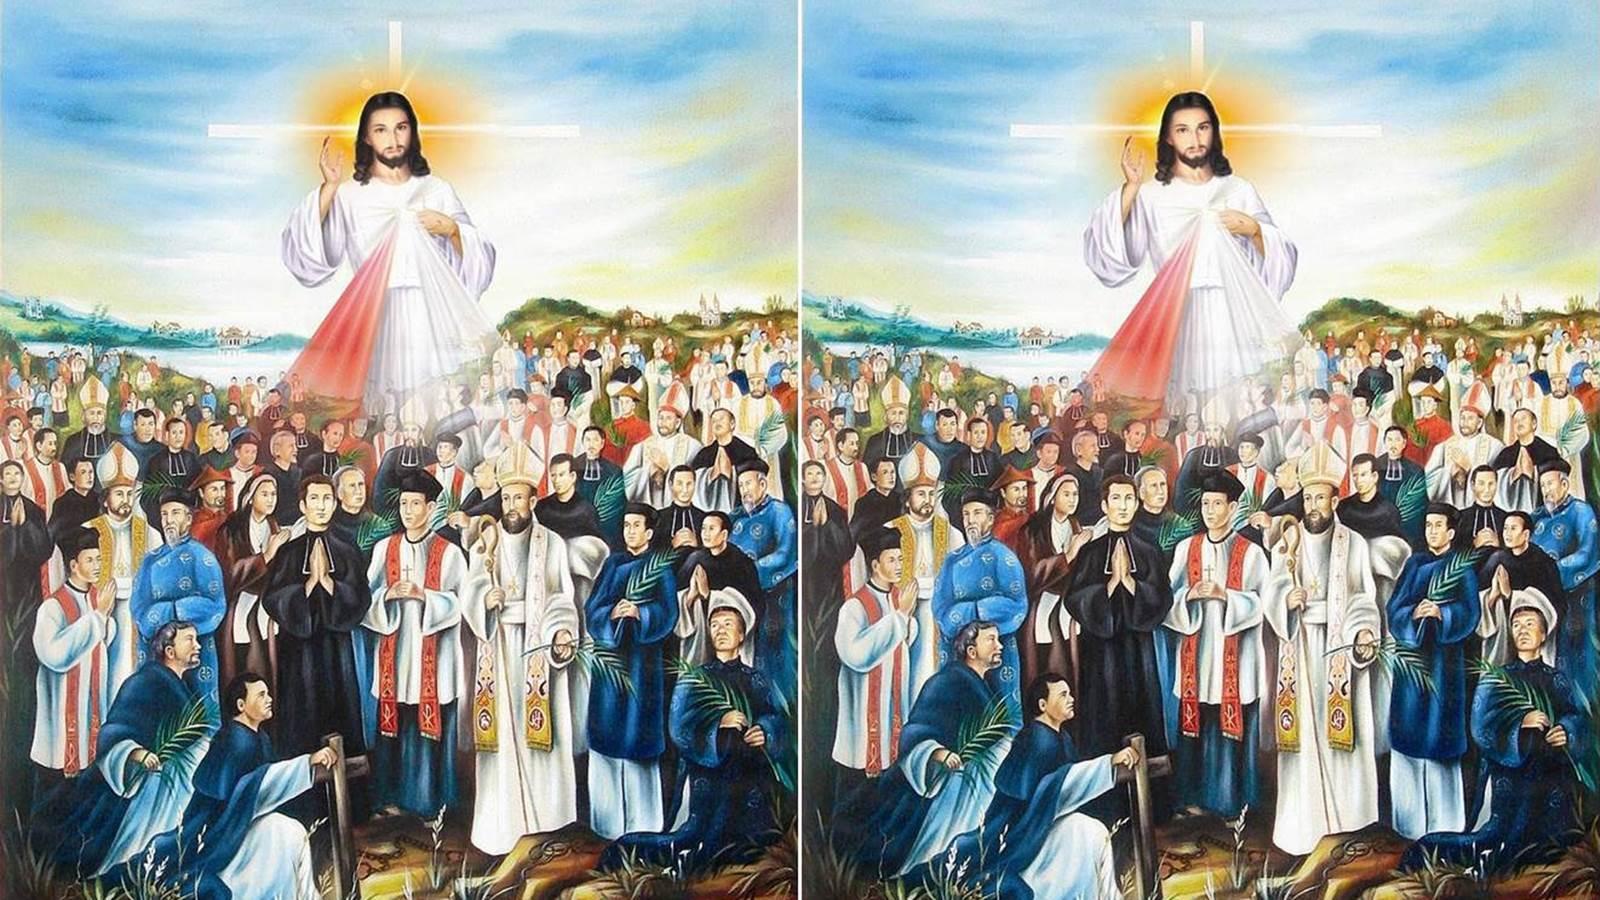 Không thuộc về thế gian (25.11.2019 – Thứ Hai Tuần 34 TN - Các Thánh tử đạo Việt Nam)